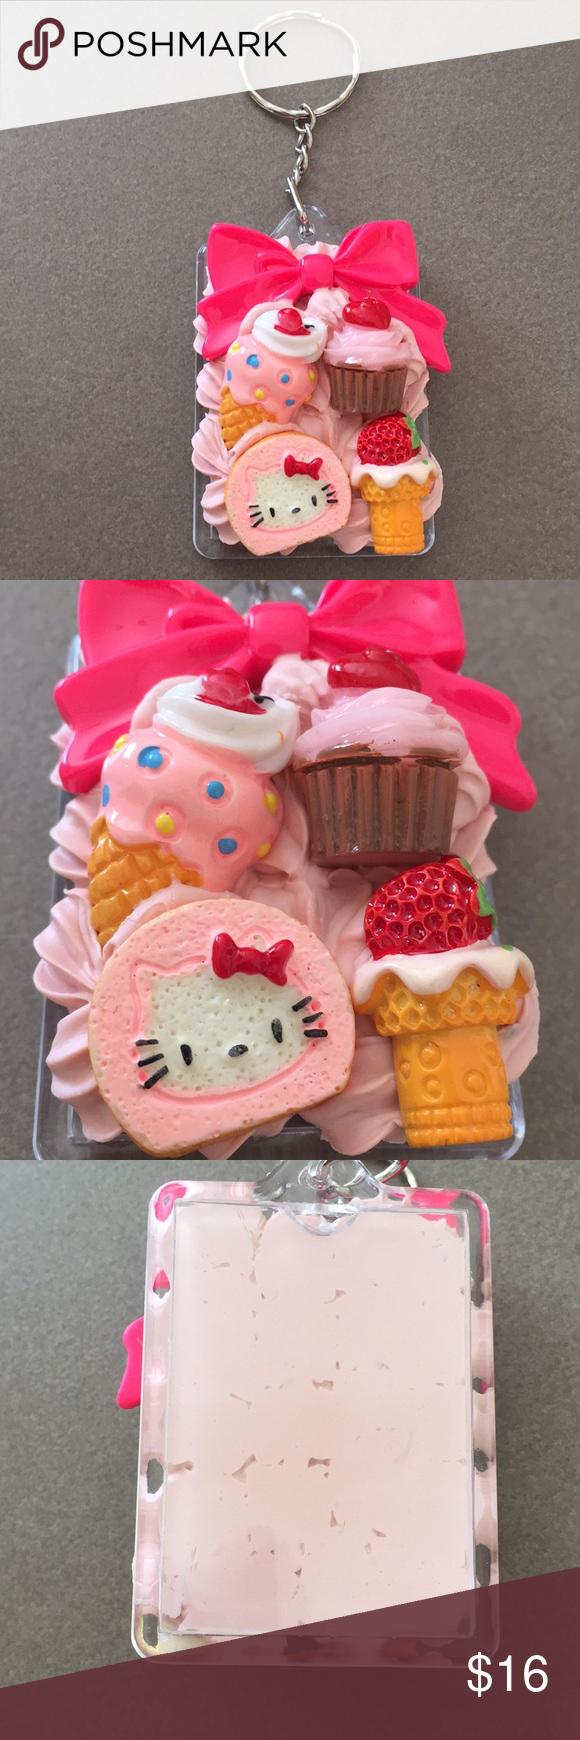 Hello Kitty Treat Key Chain (With images) Cat treats